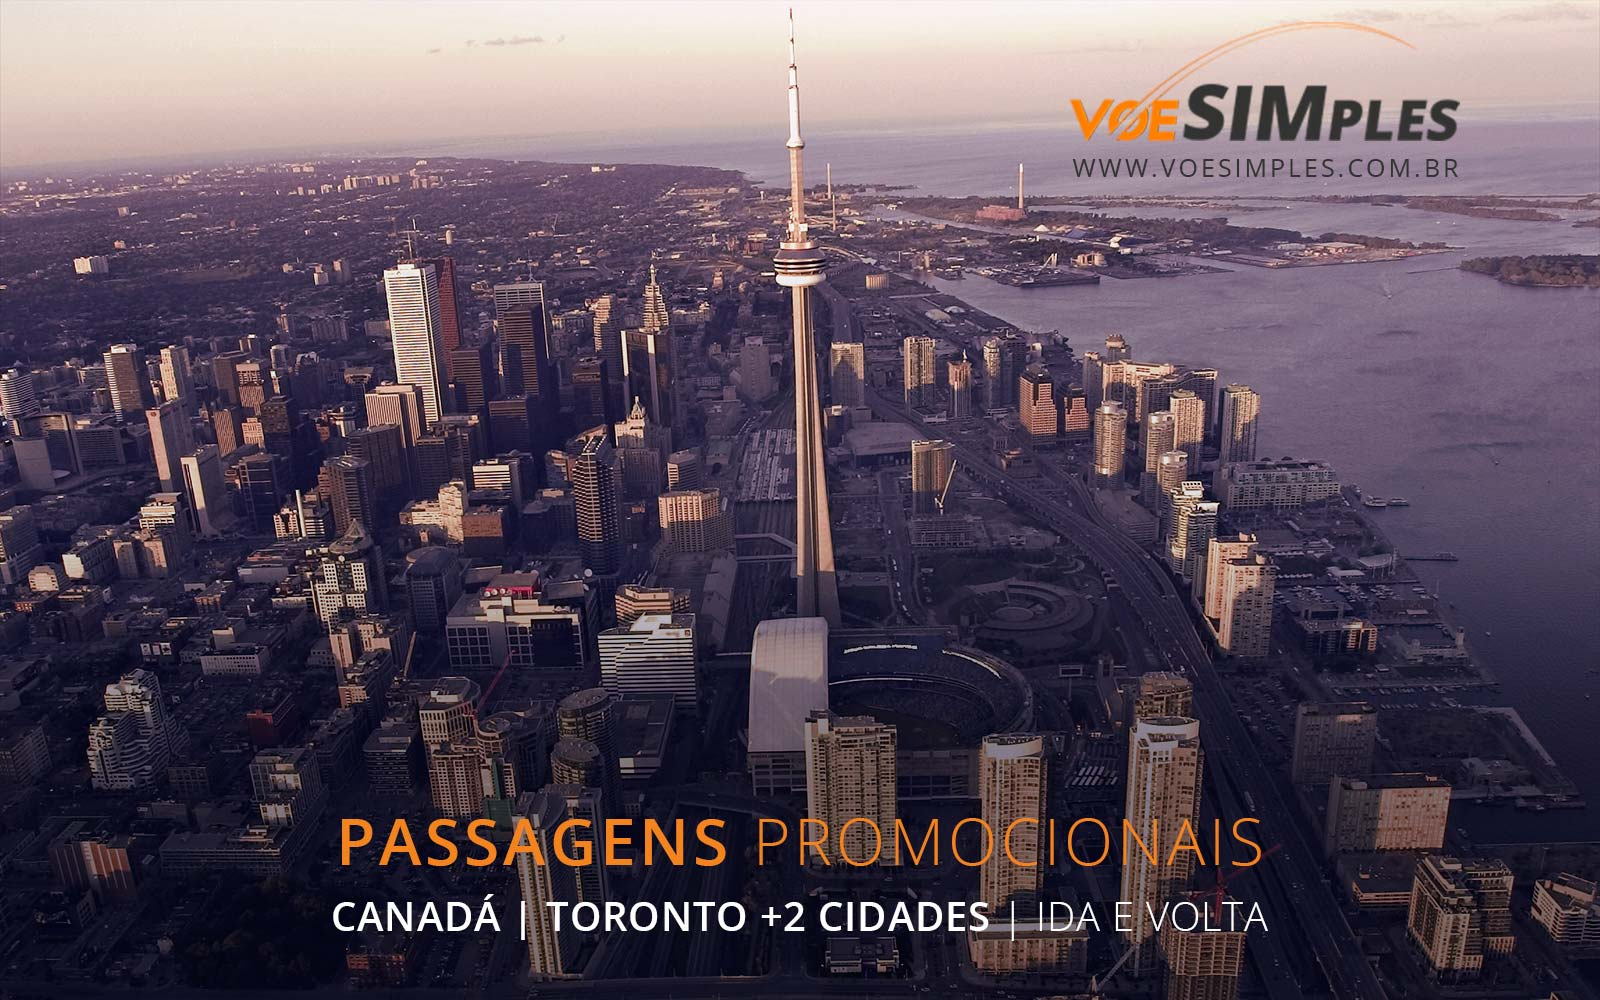 Passagens aéreas baratas para Toronto, Quebec e Ottawa no Canadá